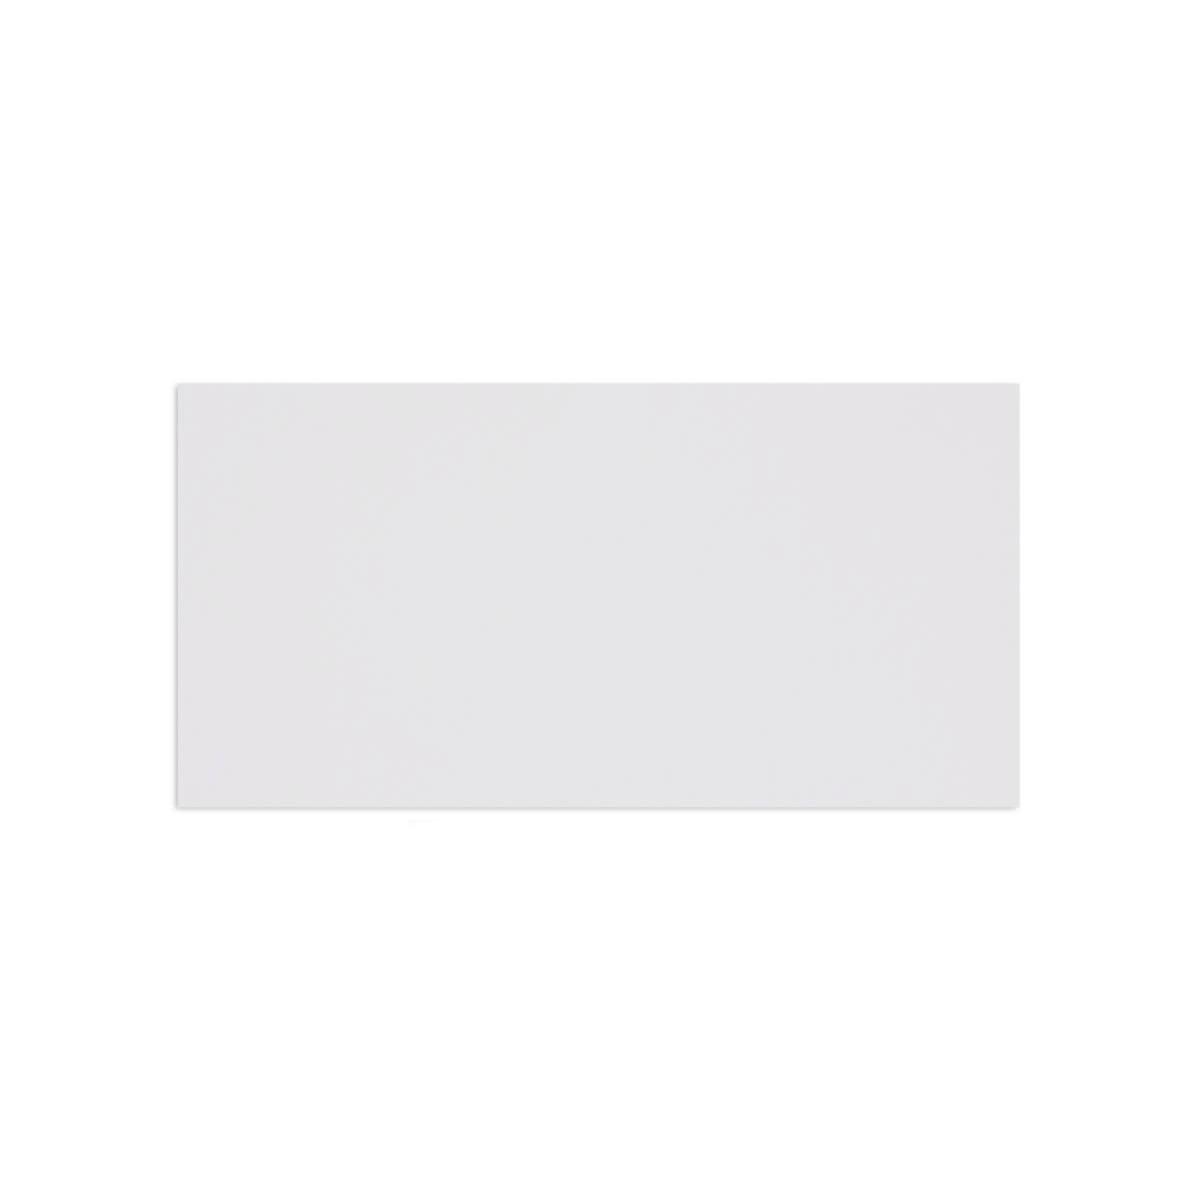 DL WHITE ENVELOPES 120GSM